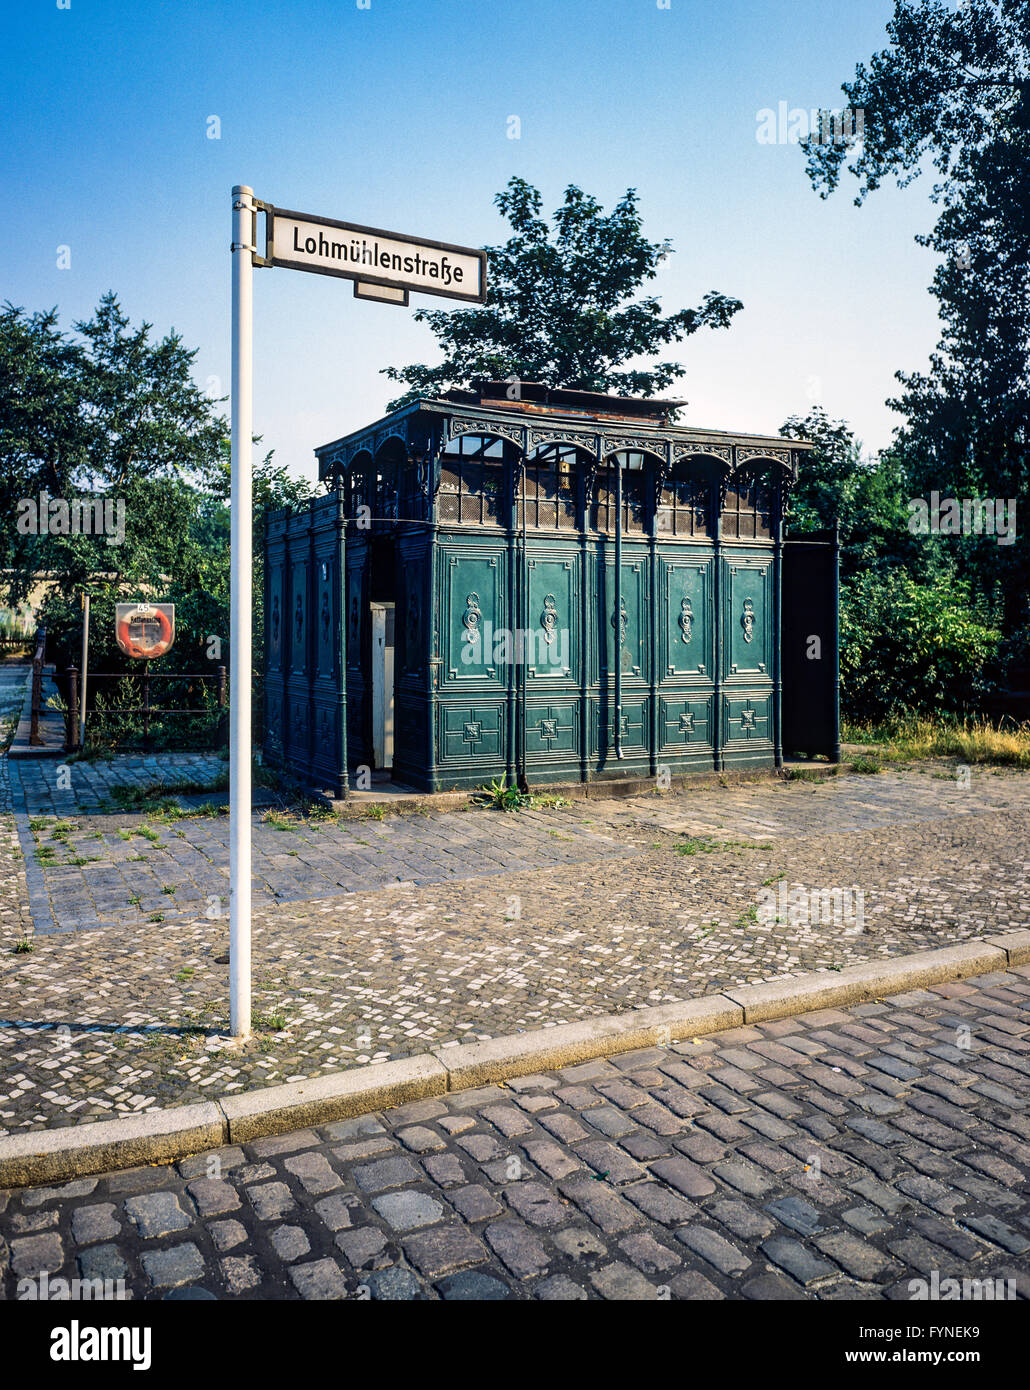 Agosto de 1986, el antiguo baño público 1899, calle Lohmühlenstrasse signo, Treptow, Berlín Imagen De Stock